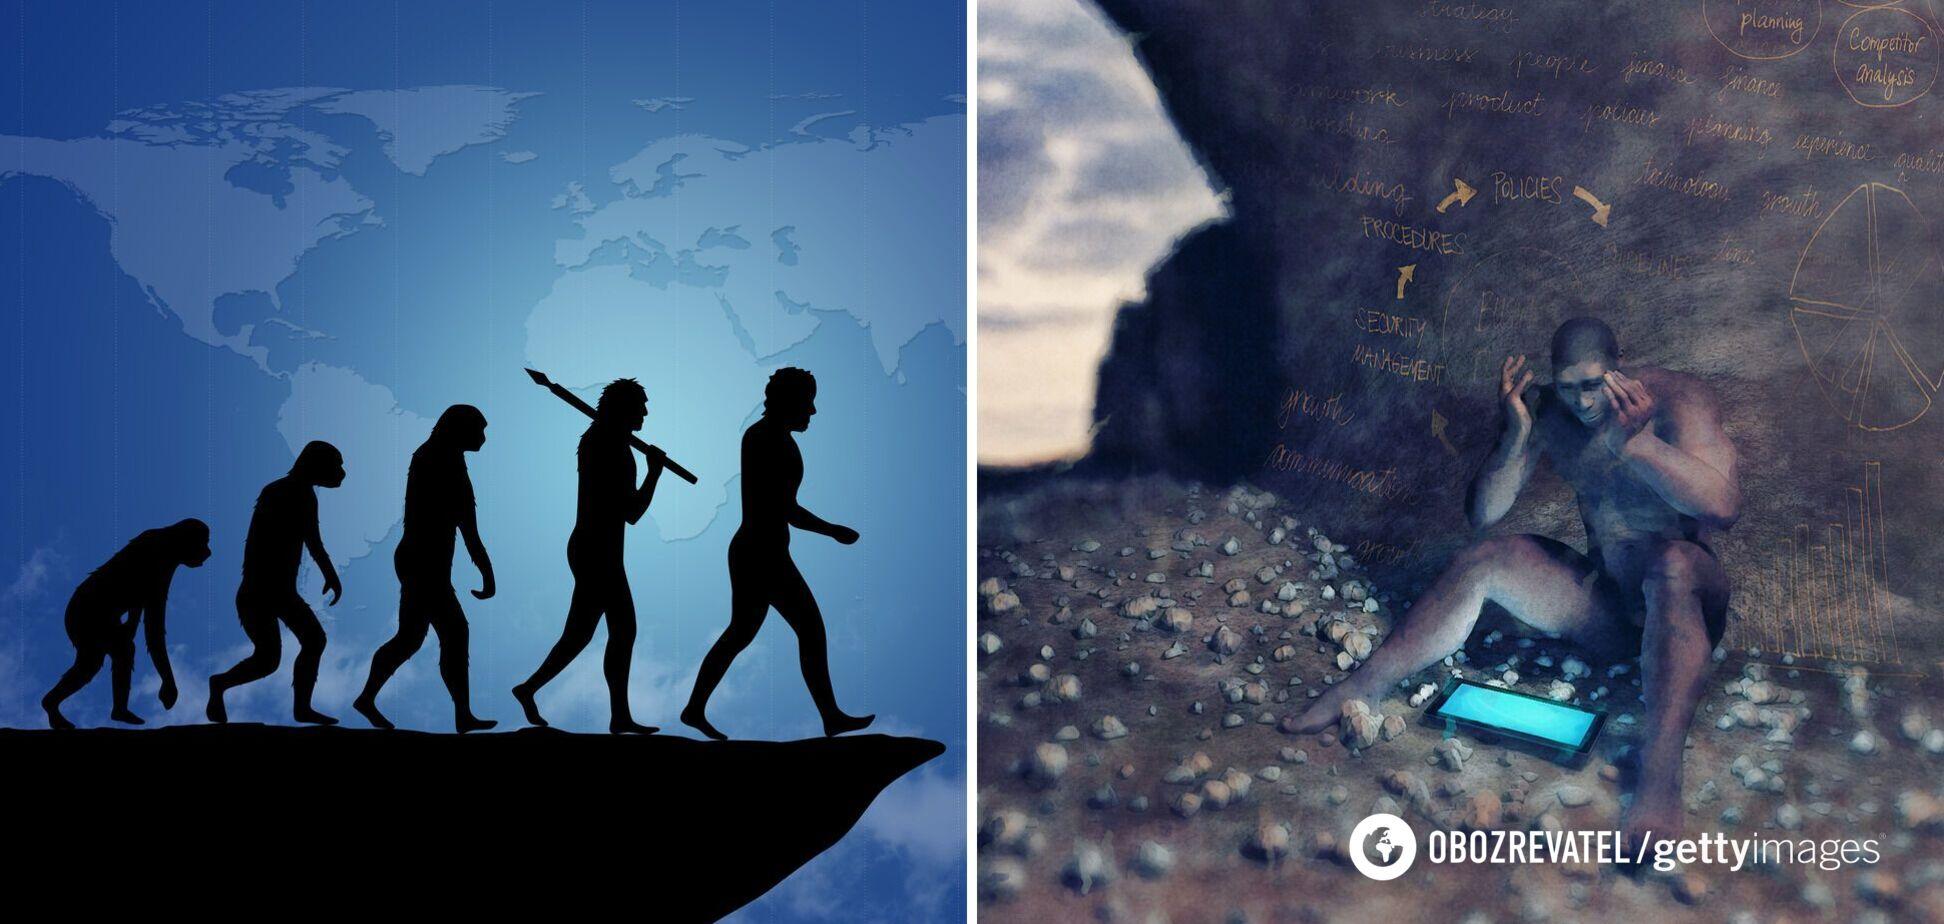 Найдена неожиданная способность неандертальцев